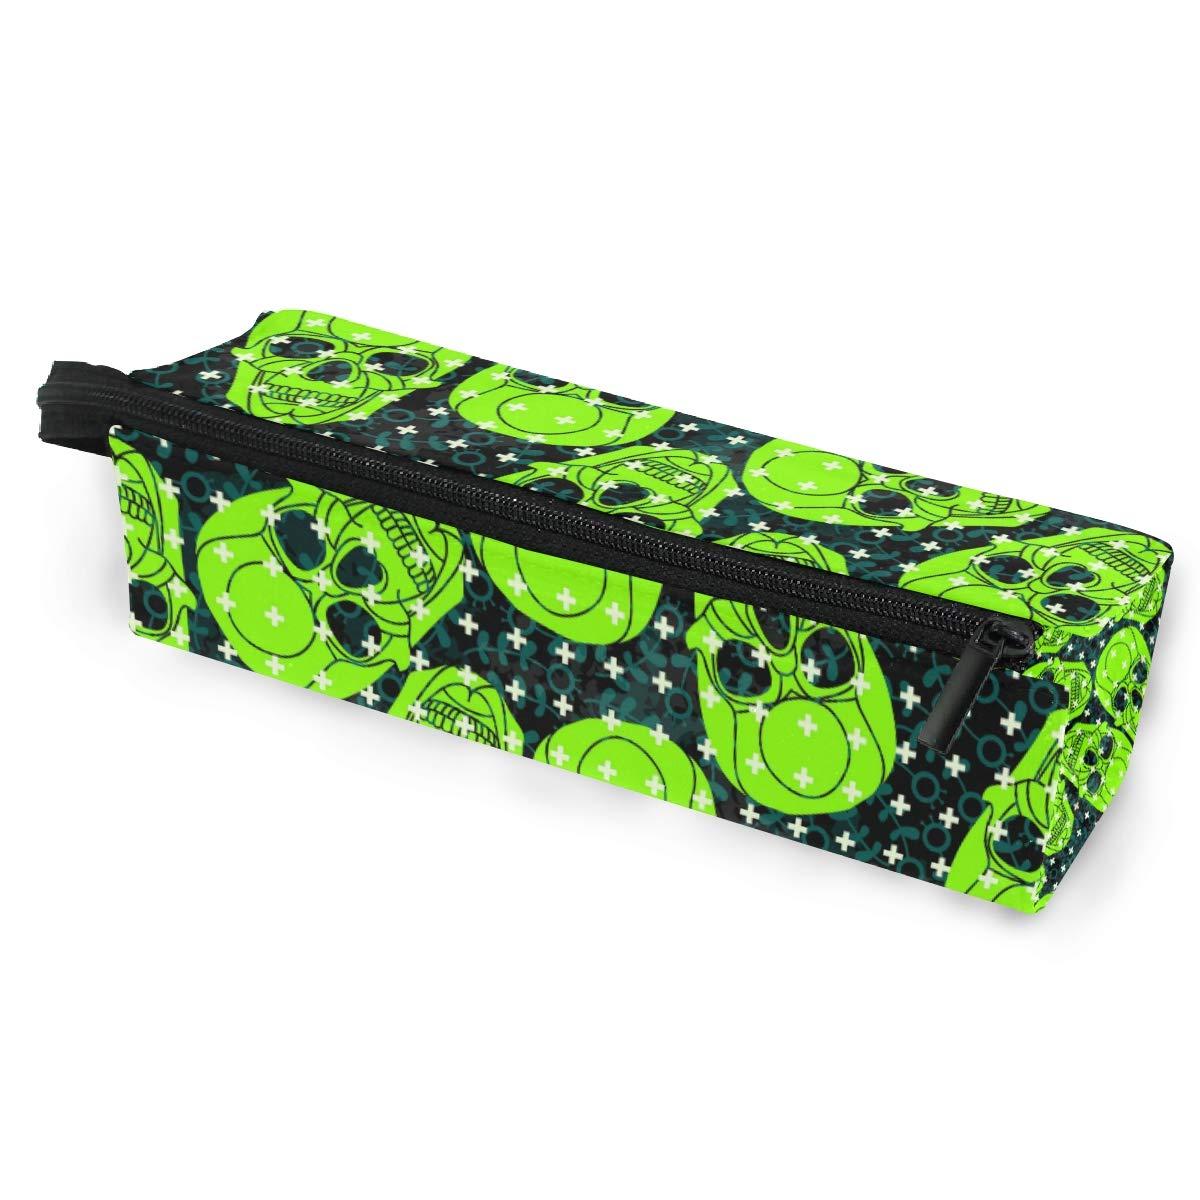 Estuche portátil para gafas con diseño de calavera verde de dibujos animados, caja suave para mujeres y niñas, con cremallera, bolsa de almacenamiento: Amazon.es: Oficina y papelería